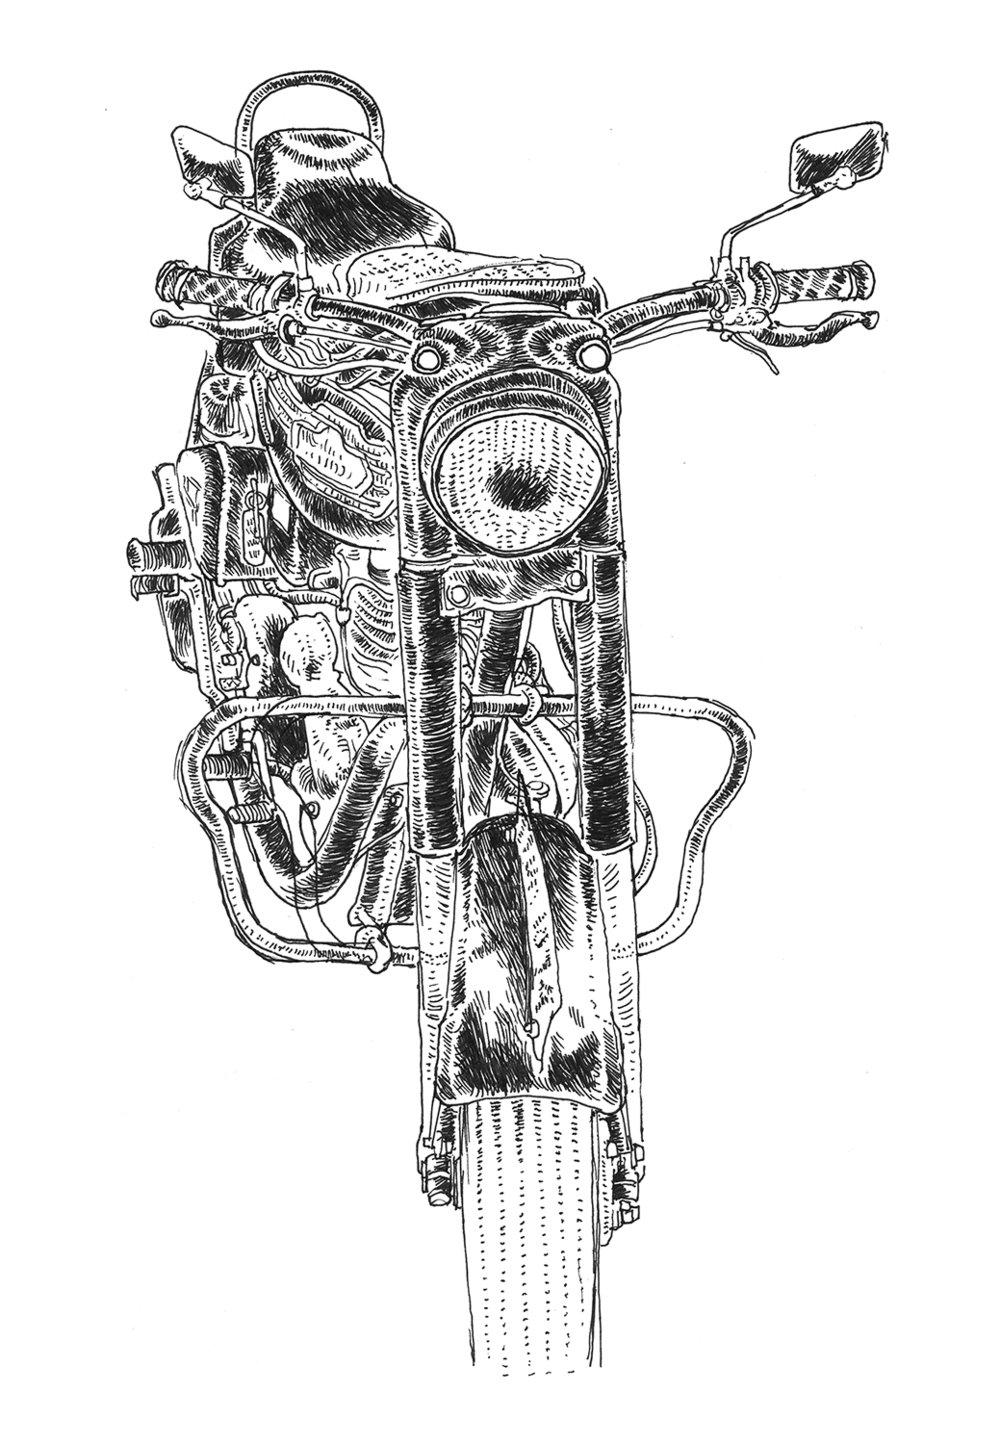 davidm-bike-1.jpg